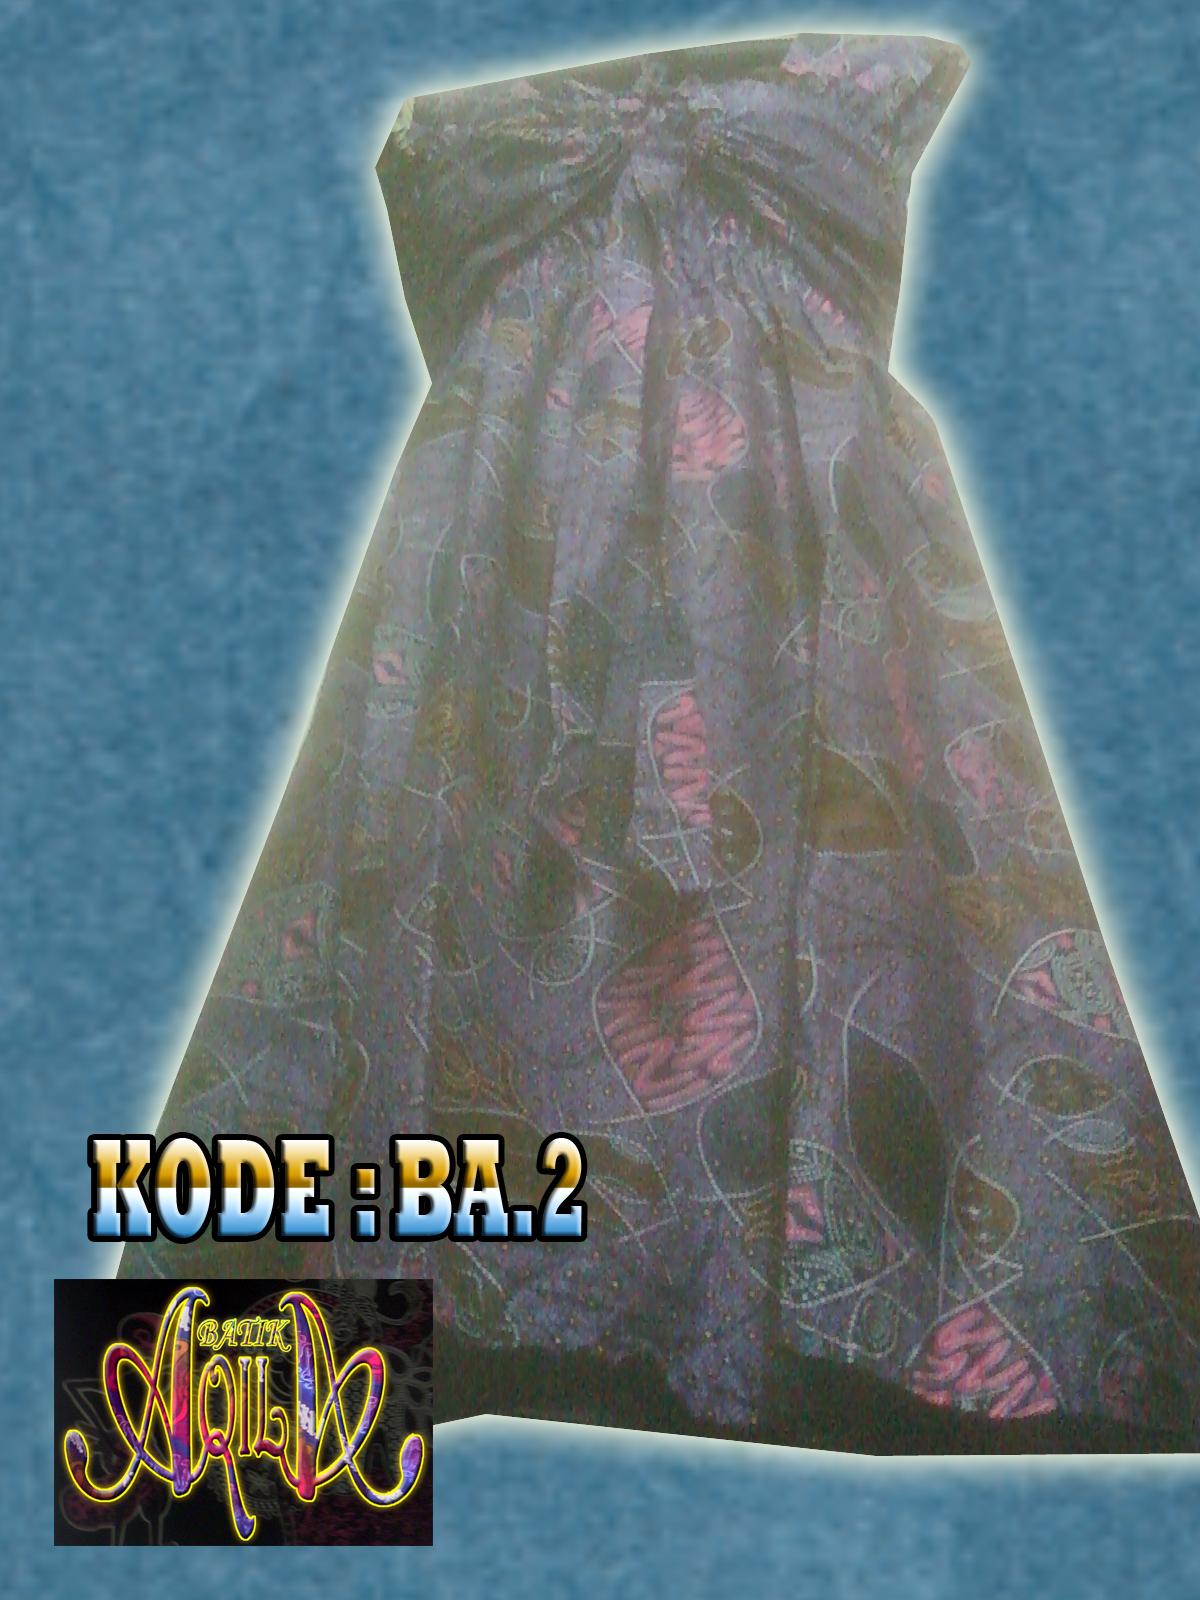 BAJU ATASAN BATIK WANITA KODE BA2, Batik Halus, tidak Panas dipakai, cocok untuk digunakan sebagai baju harian anda untuk waktu bersantai anda. SPECIAL PRICE Rp. 45.000/potong, informasi hubungi : 085742125550 (Indosat),http://batikaqila.blogspot.com